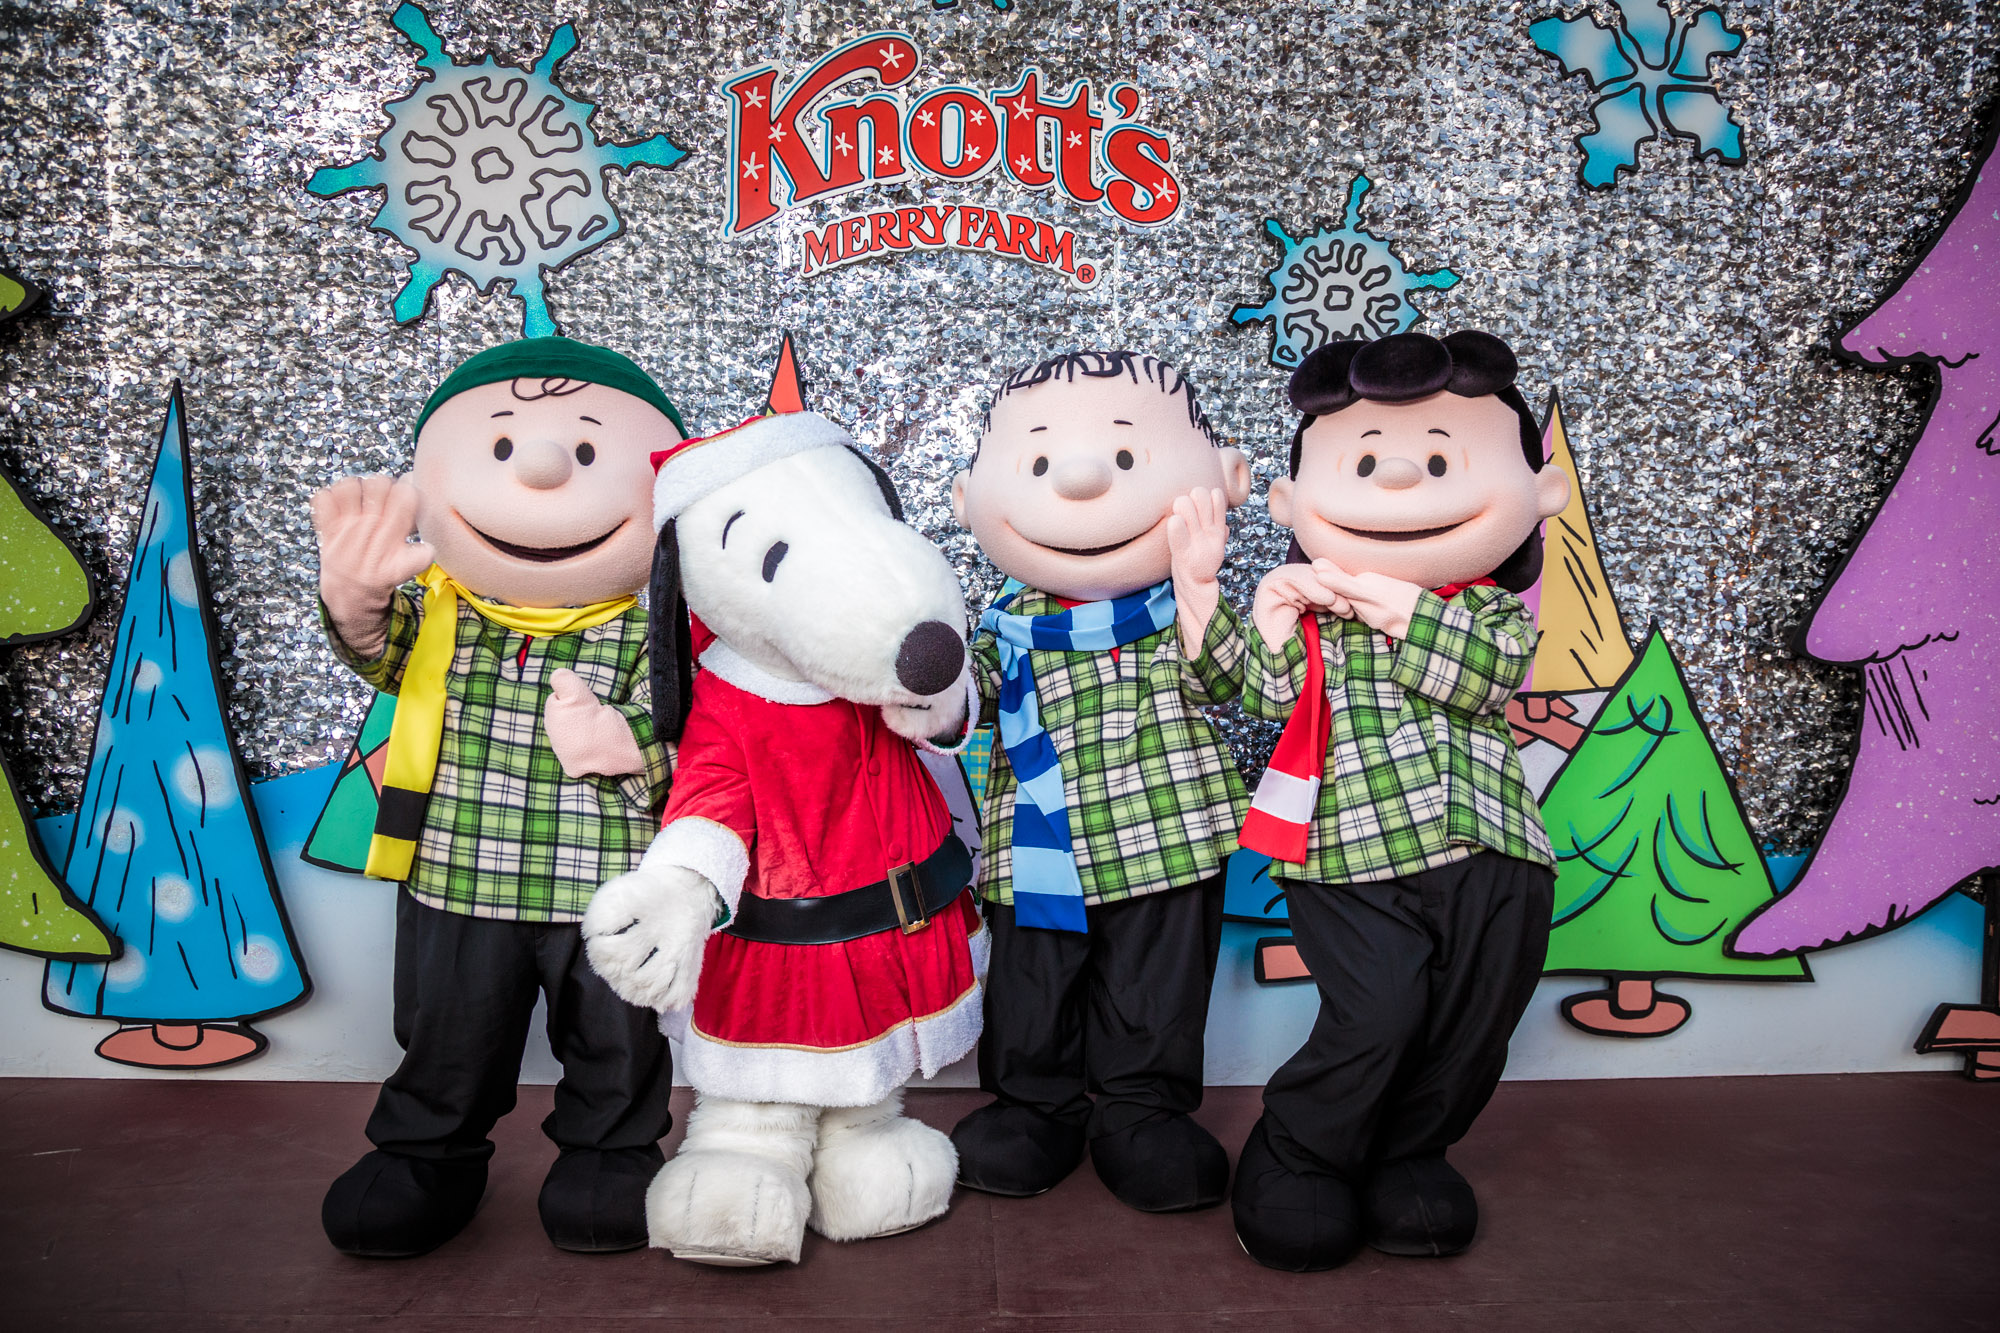 Knott's Merry Farm Peanuts Characters